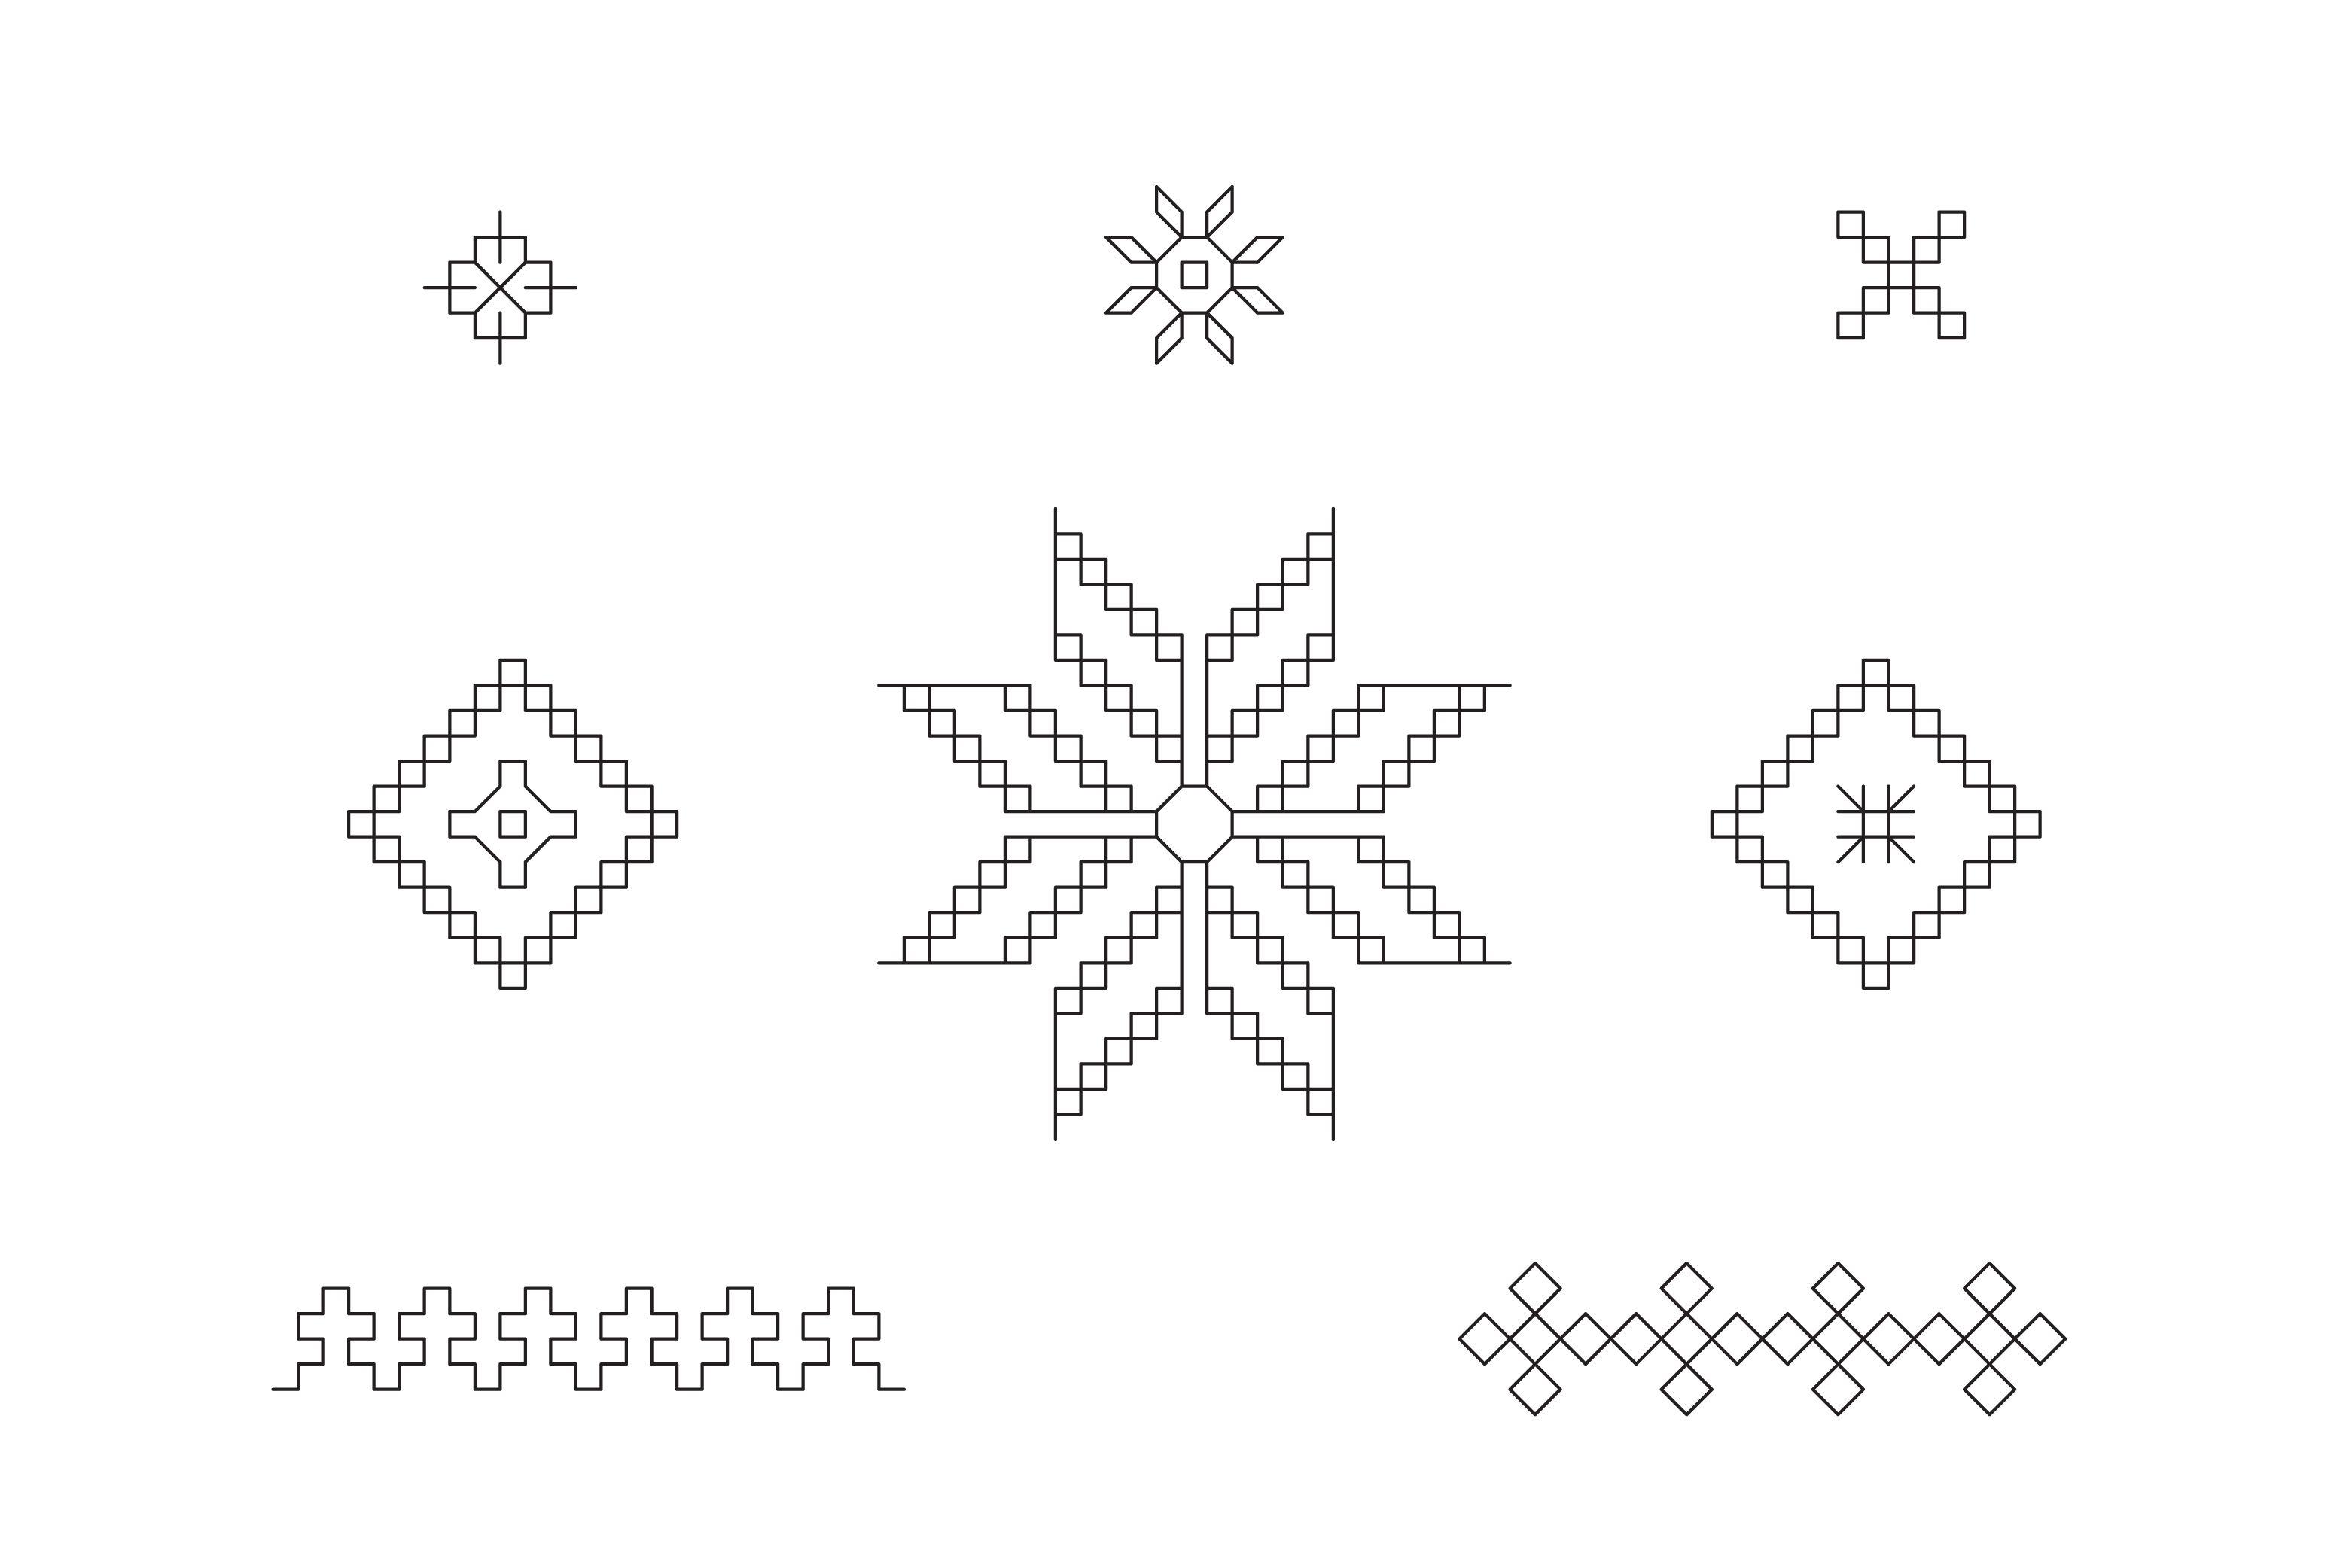 Kasuti Embroidery Patterns